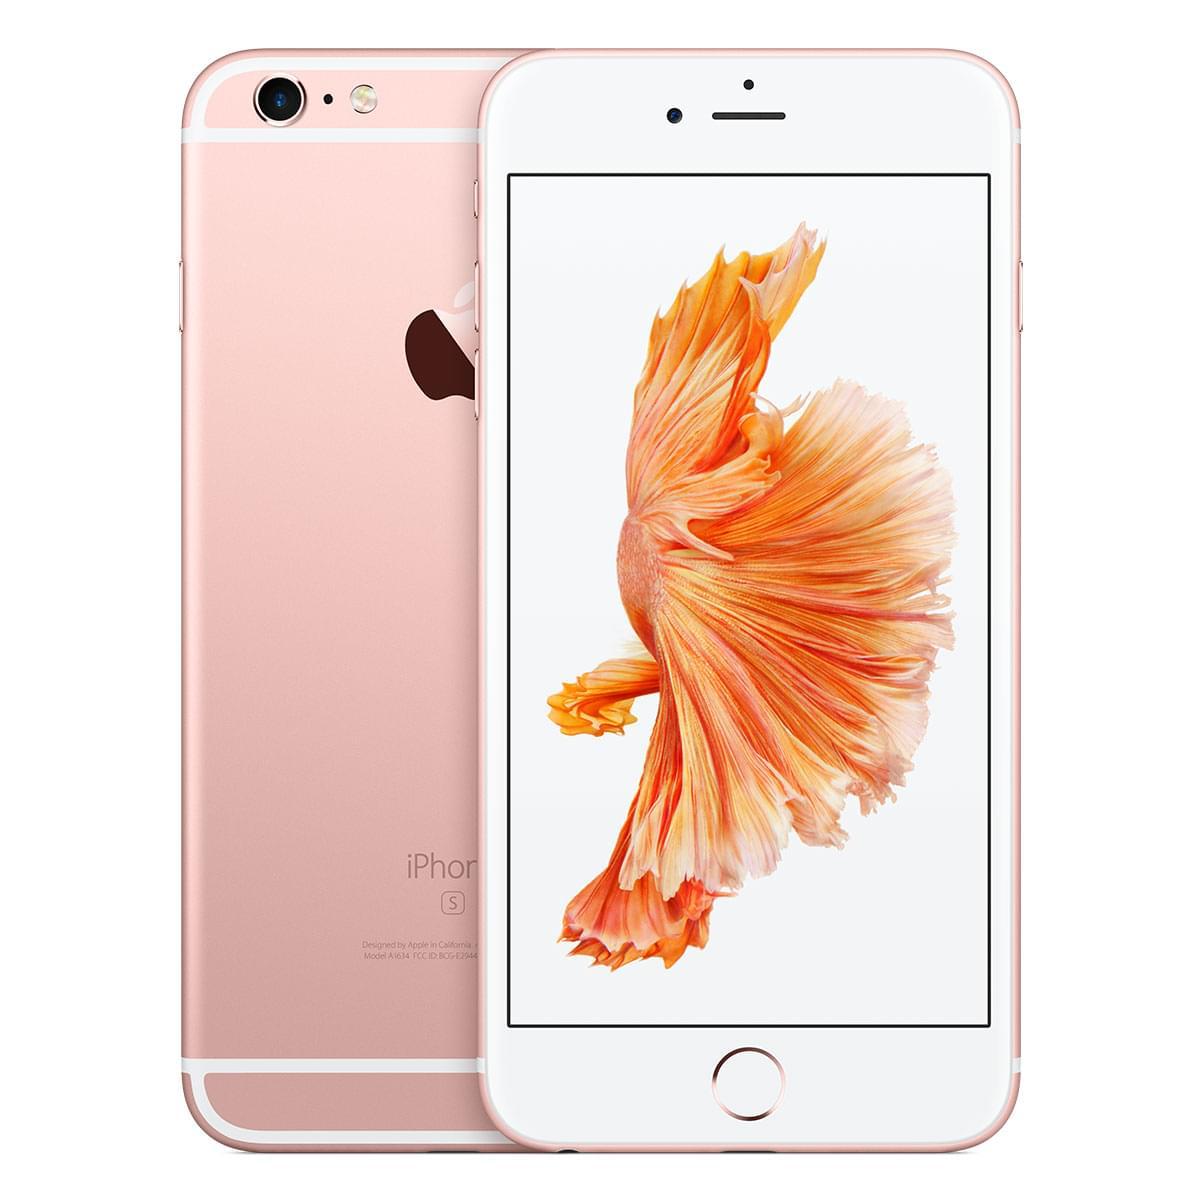 Apple iPhone 6s Plus 64Go Or Rose (MKU92ZD/A) - Achat / Vente Téléphonie sur Cybertek.fr - 0